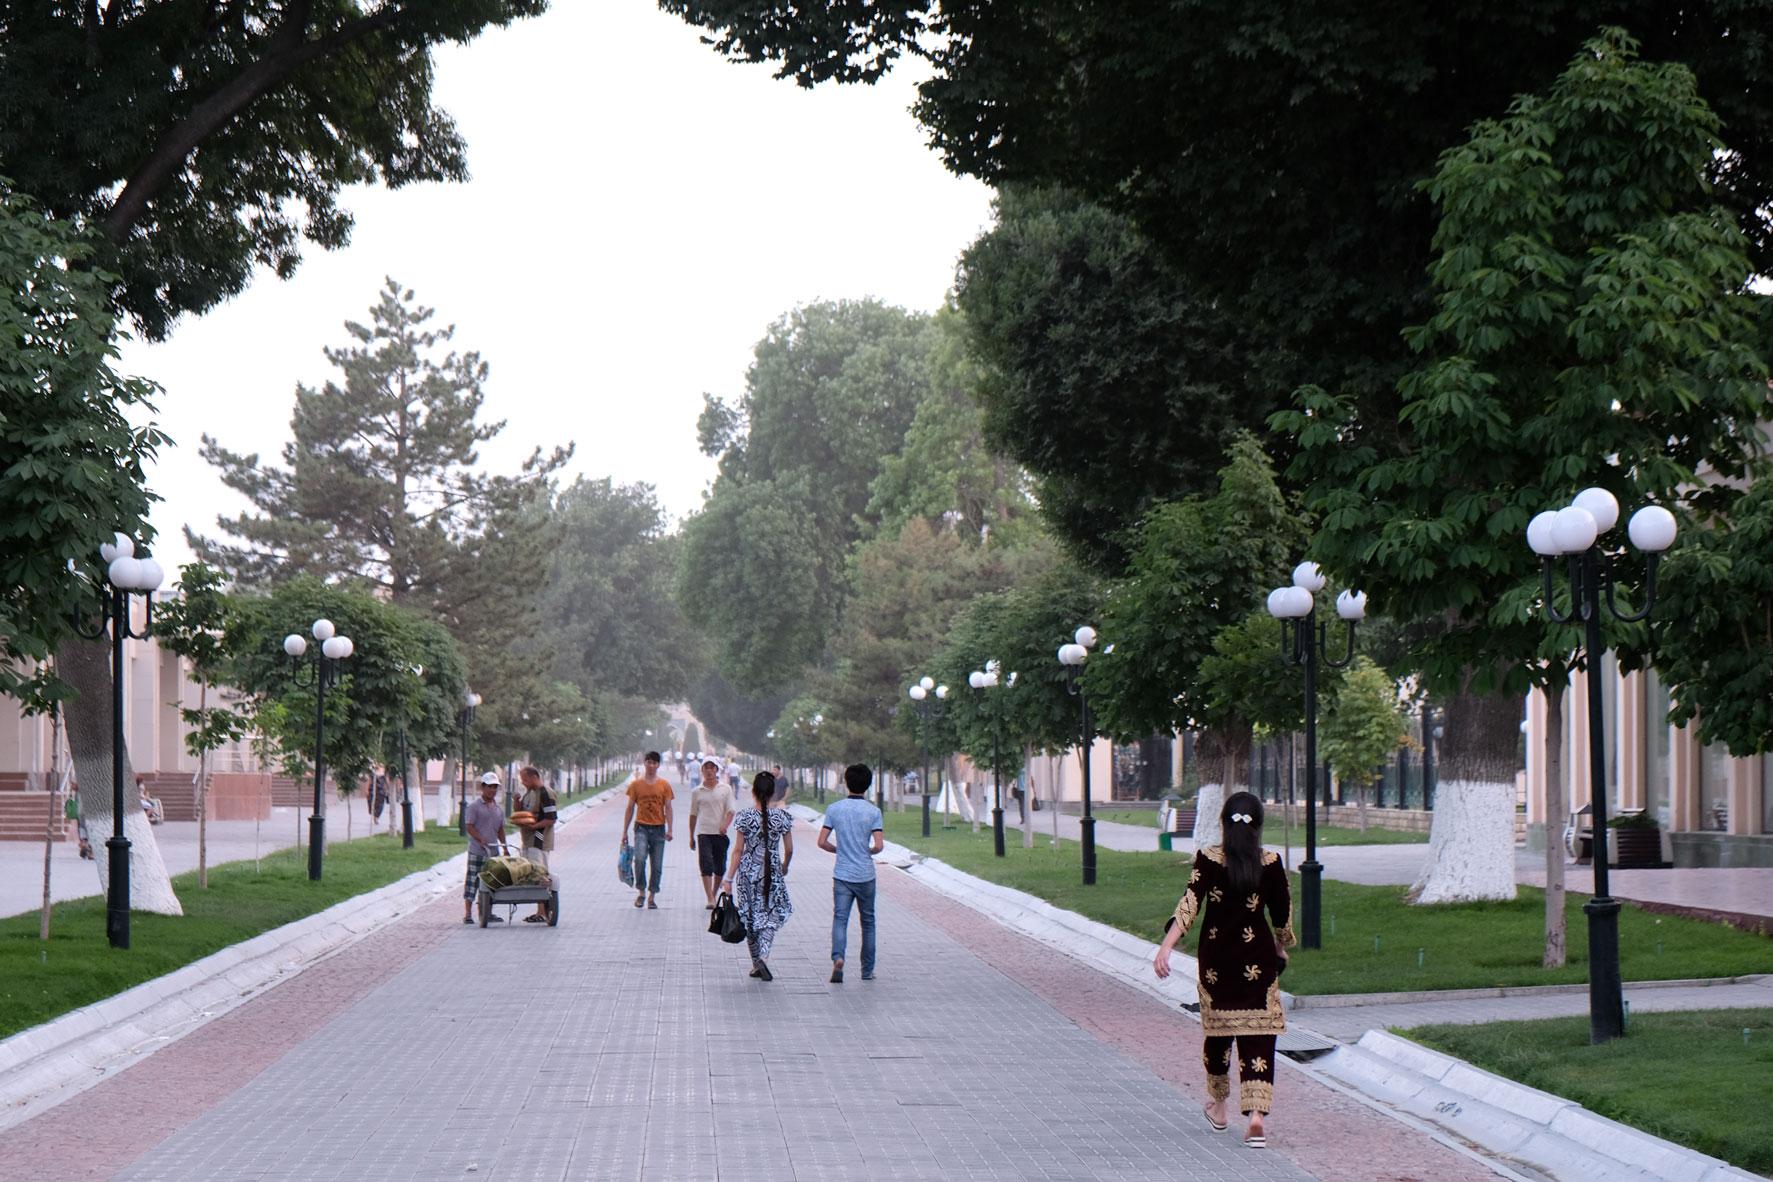 Fußgängerzone in Samarkand in Usbekistan